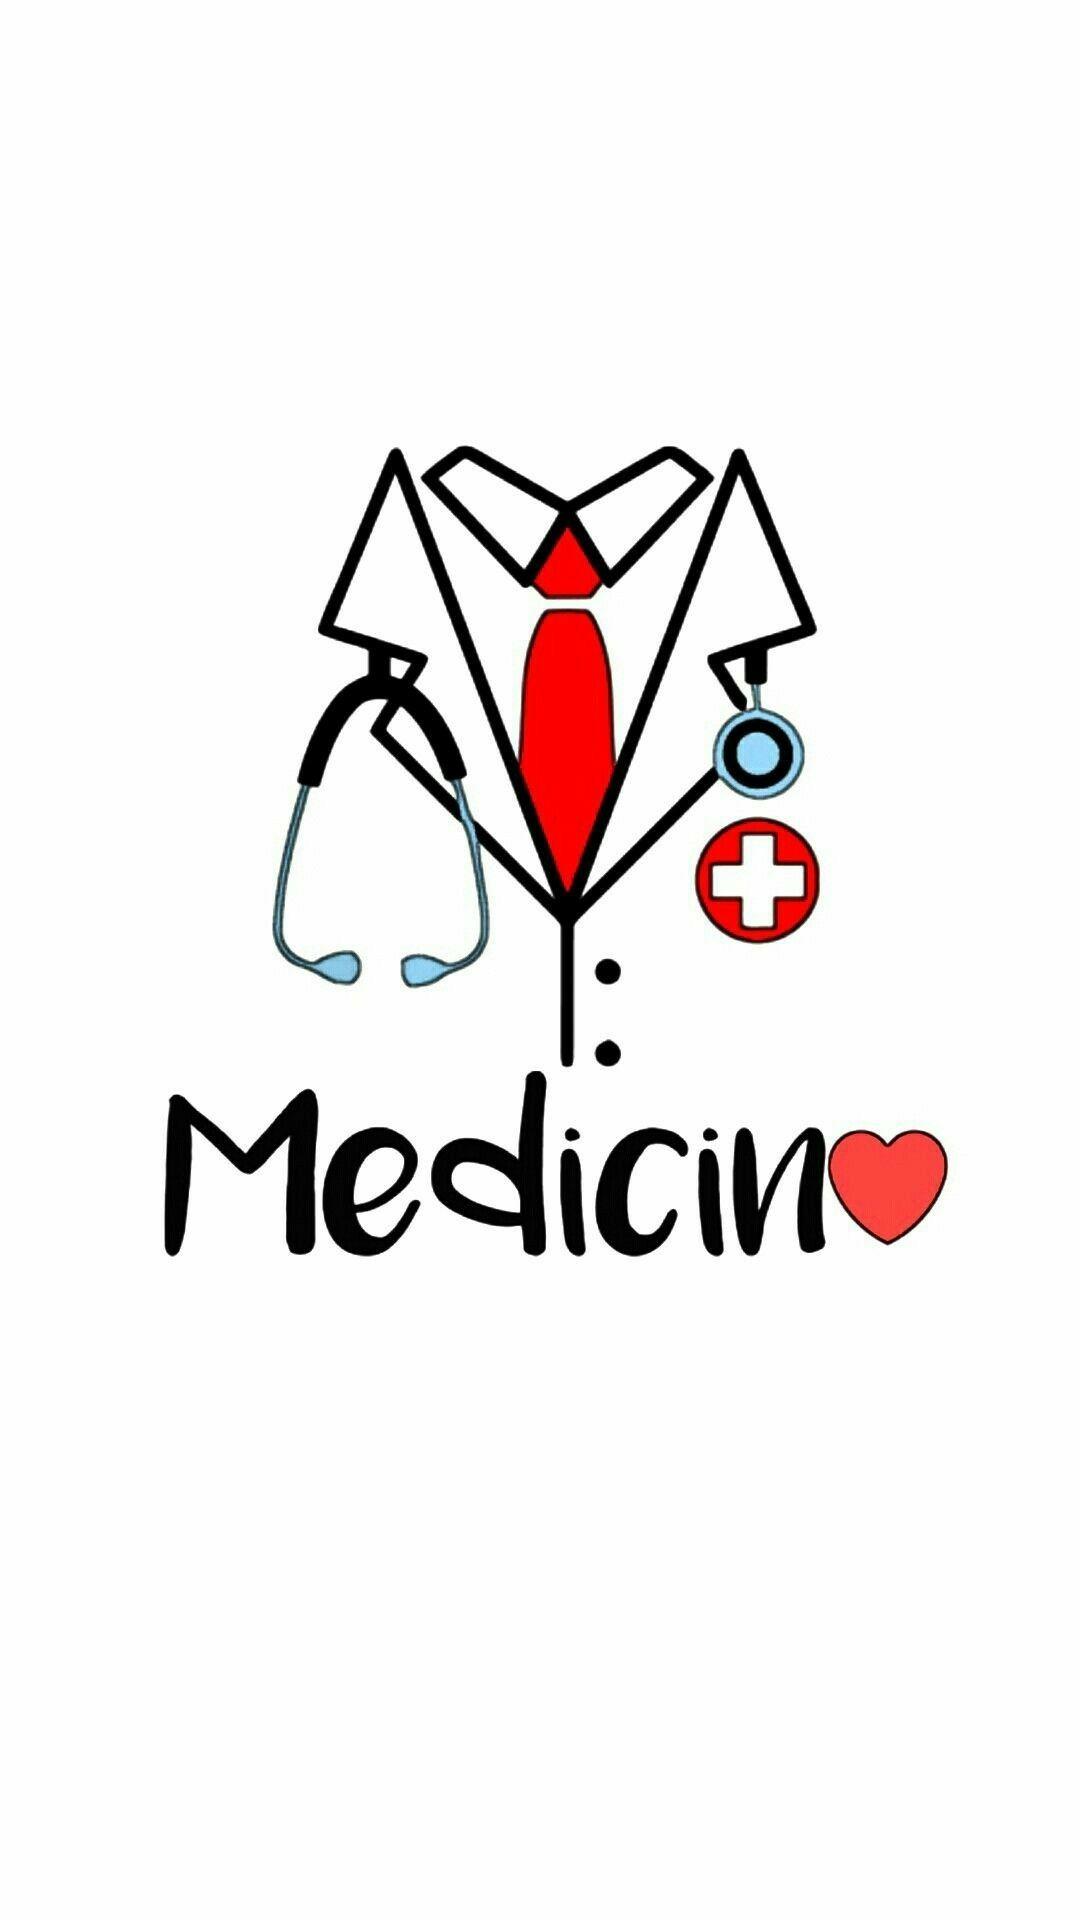 Papel de Parede Médico | medicina en 2019 | Pinterest | Medicine ...